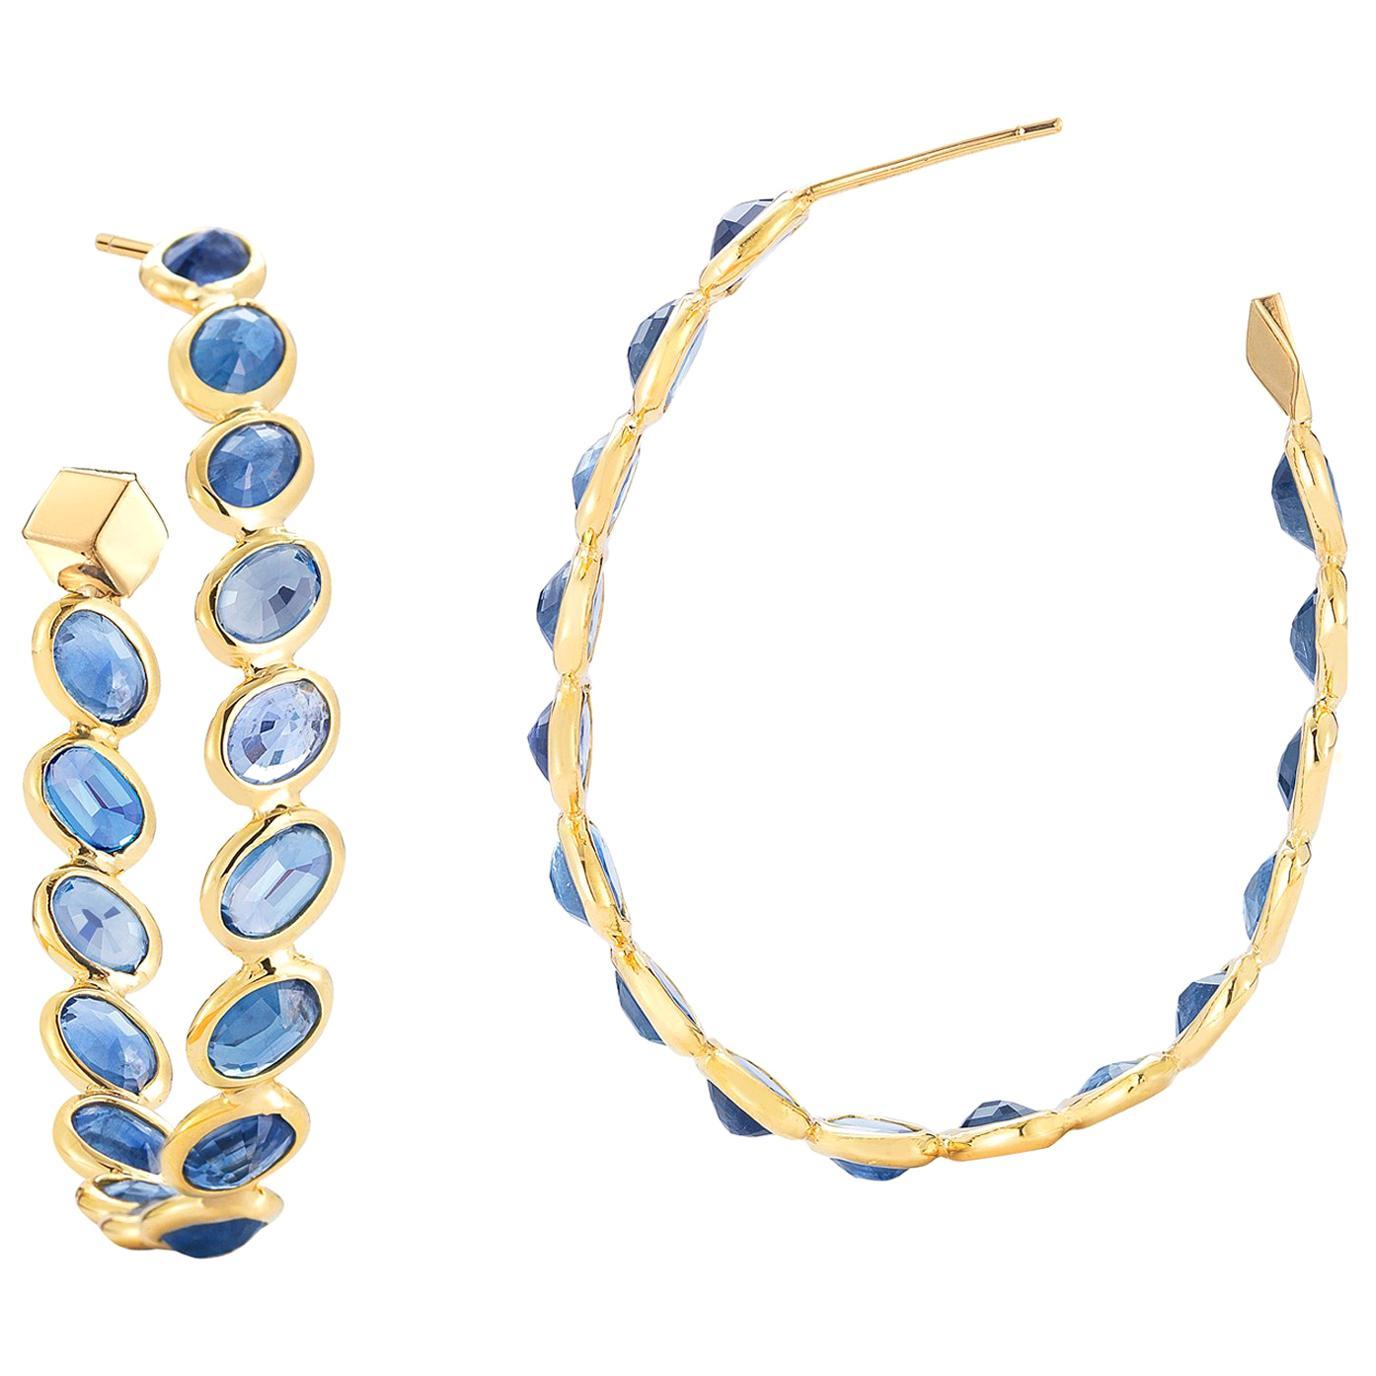 Paolo Costagli 18 Karat Yellow Gold Blue Sapphire Ombre Hoop Earrings, Grande